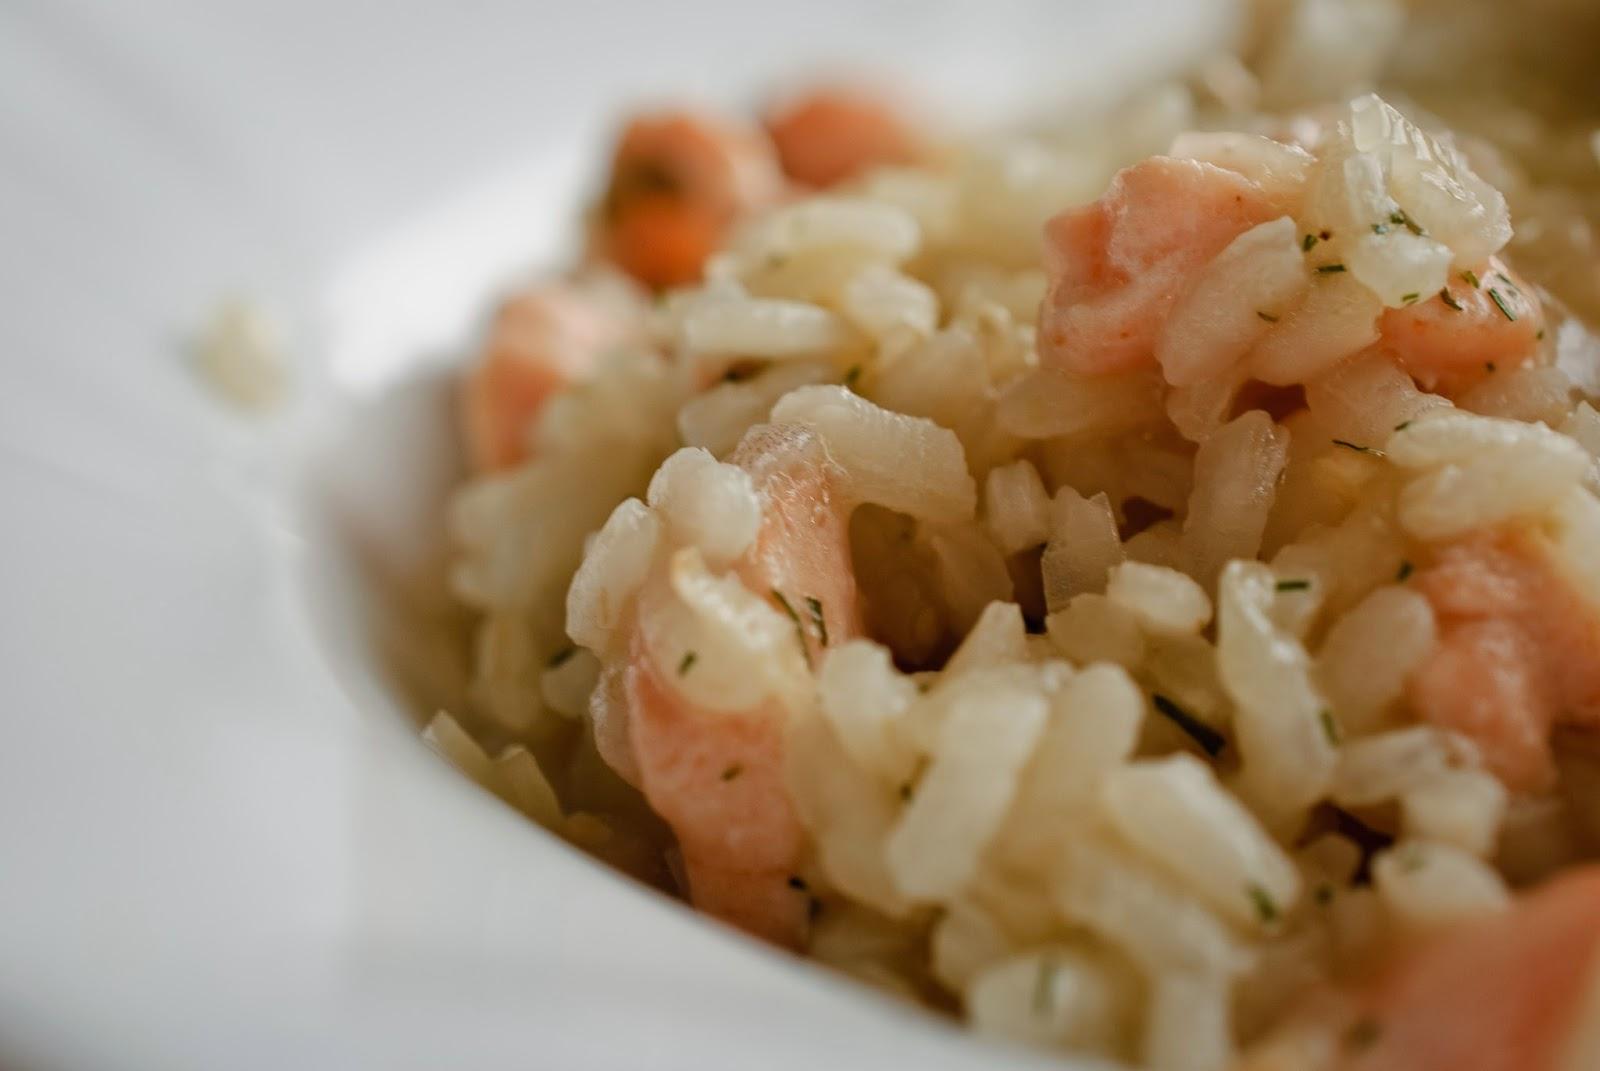 Risotto de salmón; salmon risotto